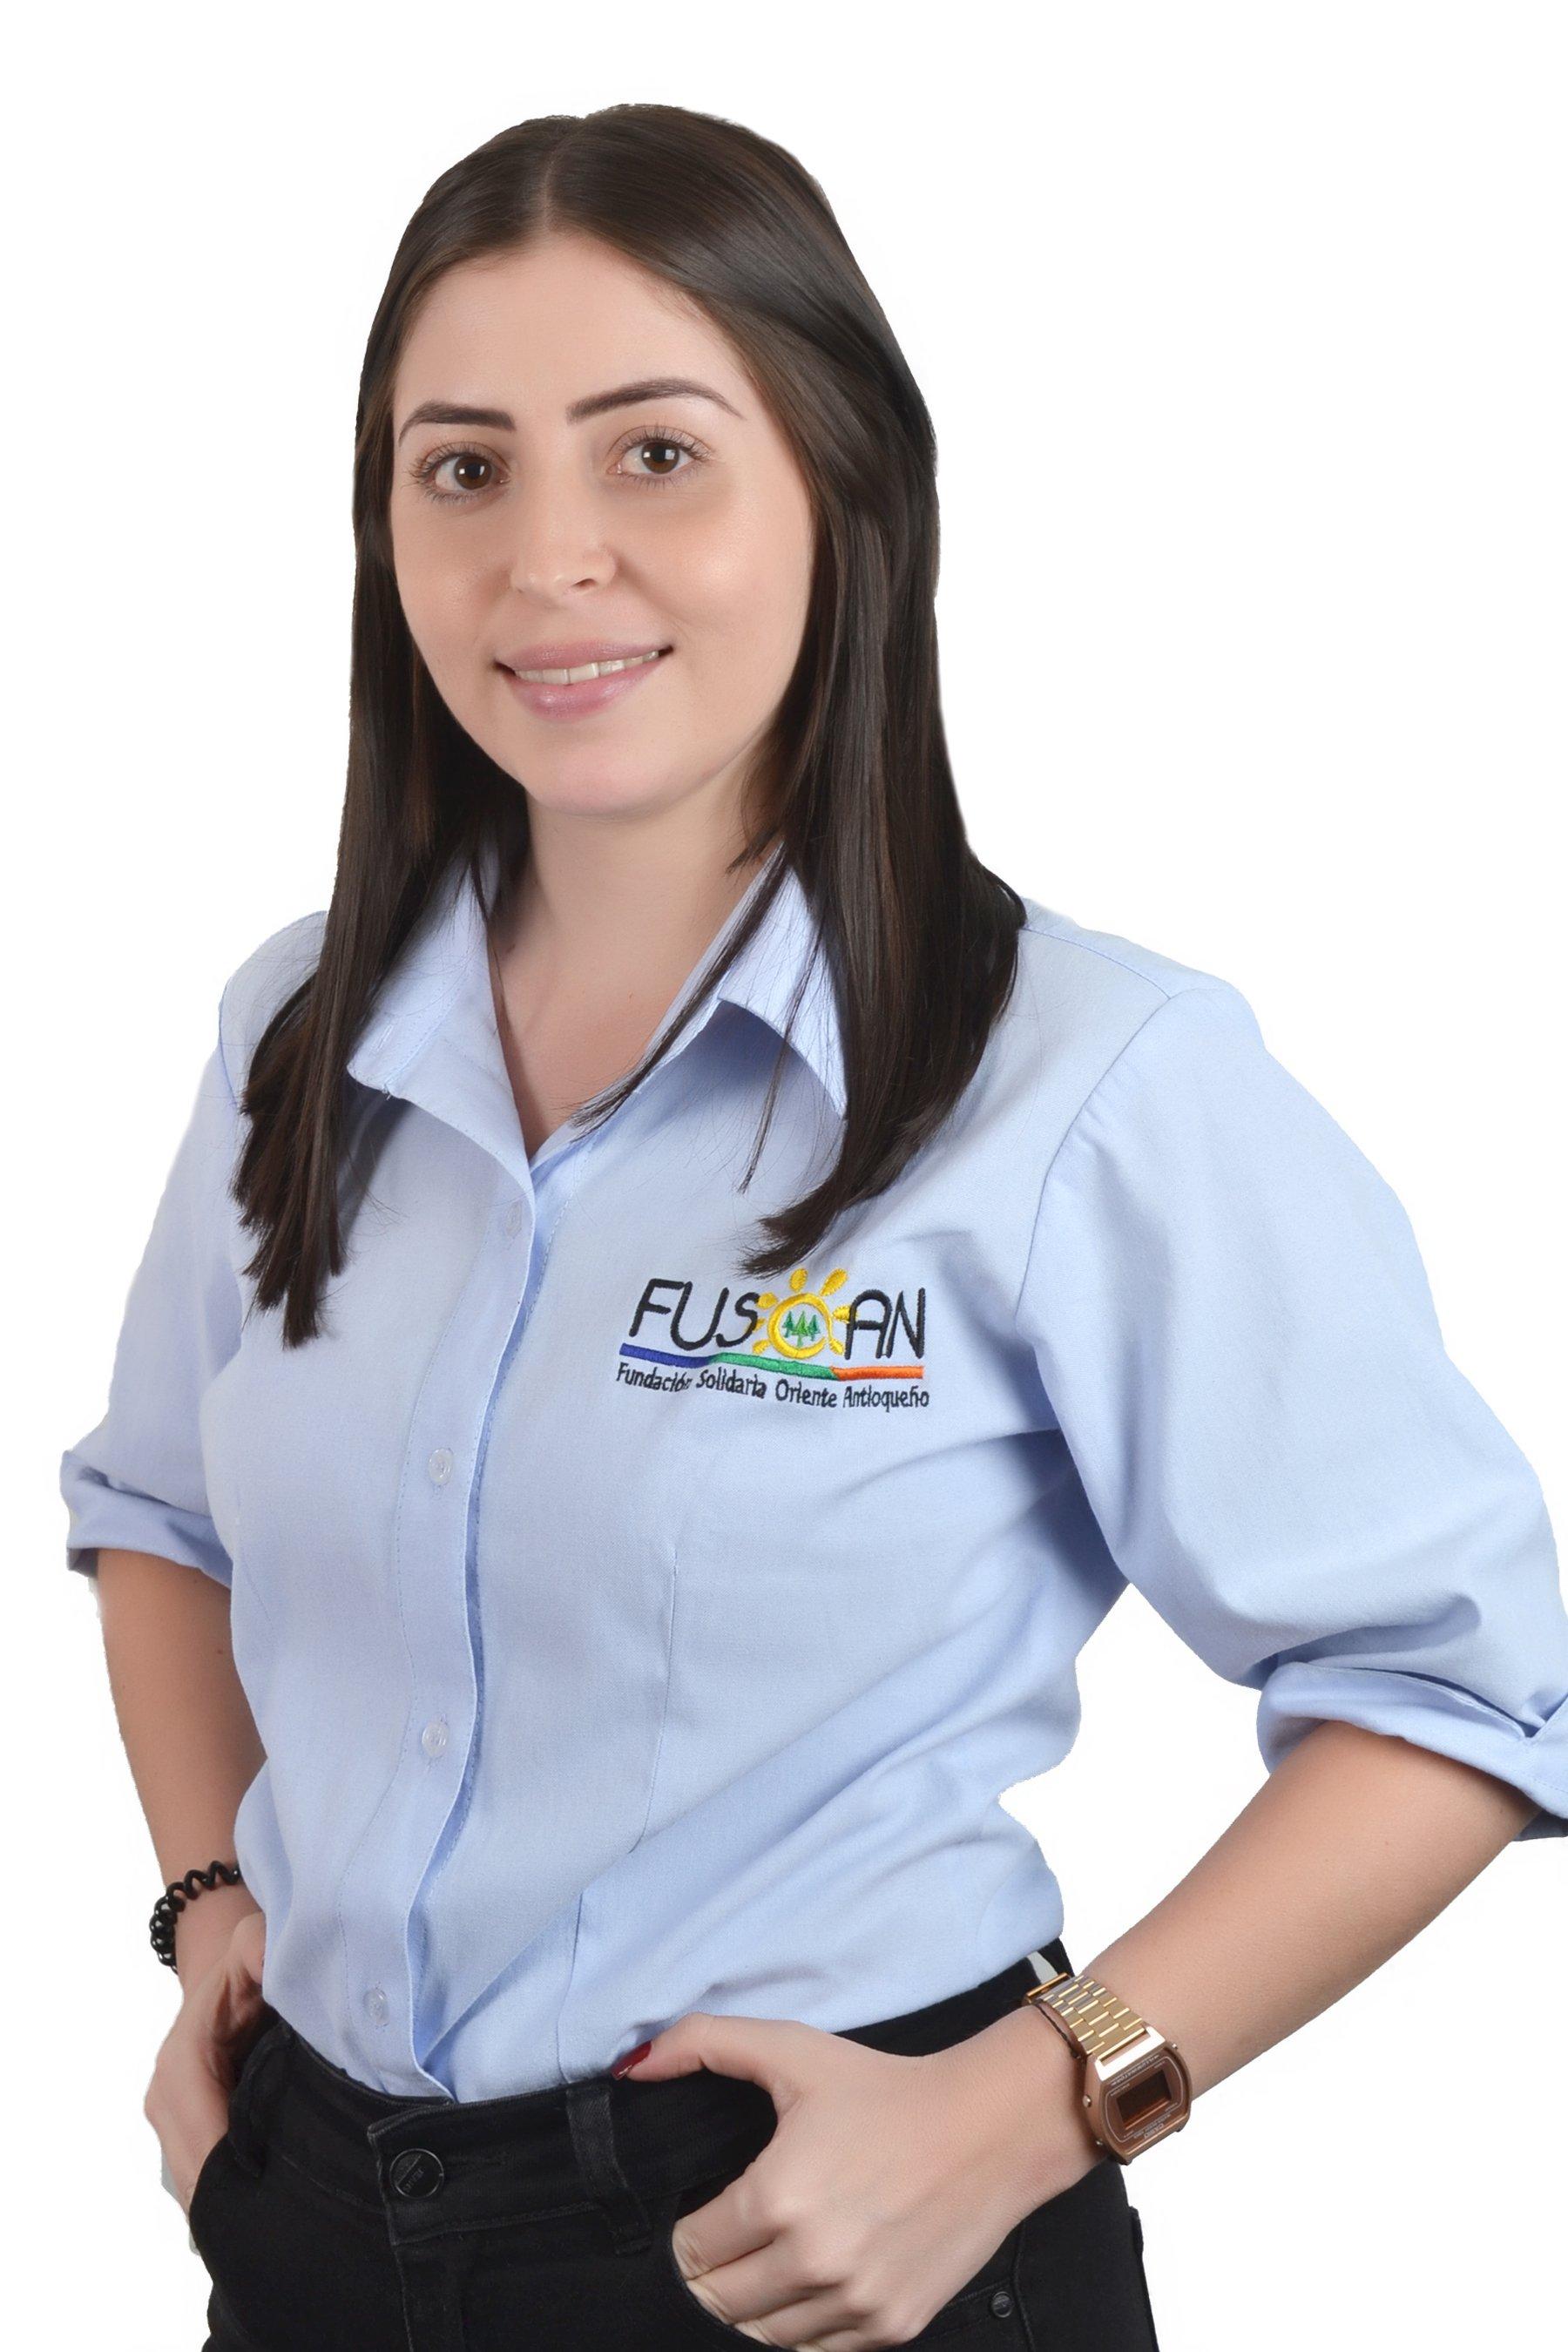 Maria Alejandra Echeverri Echeverri